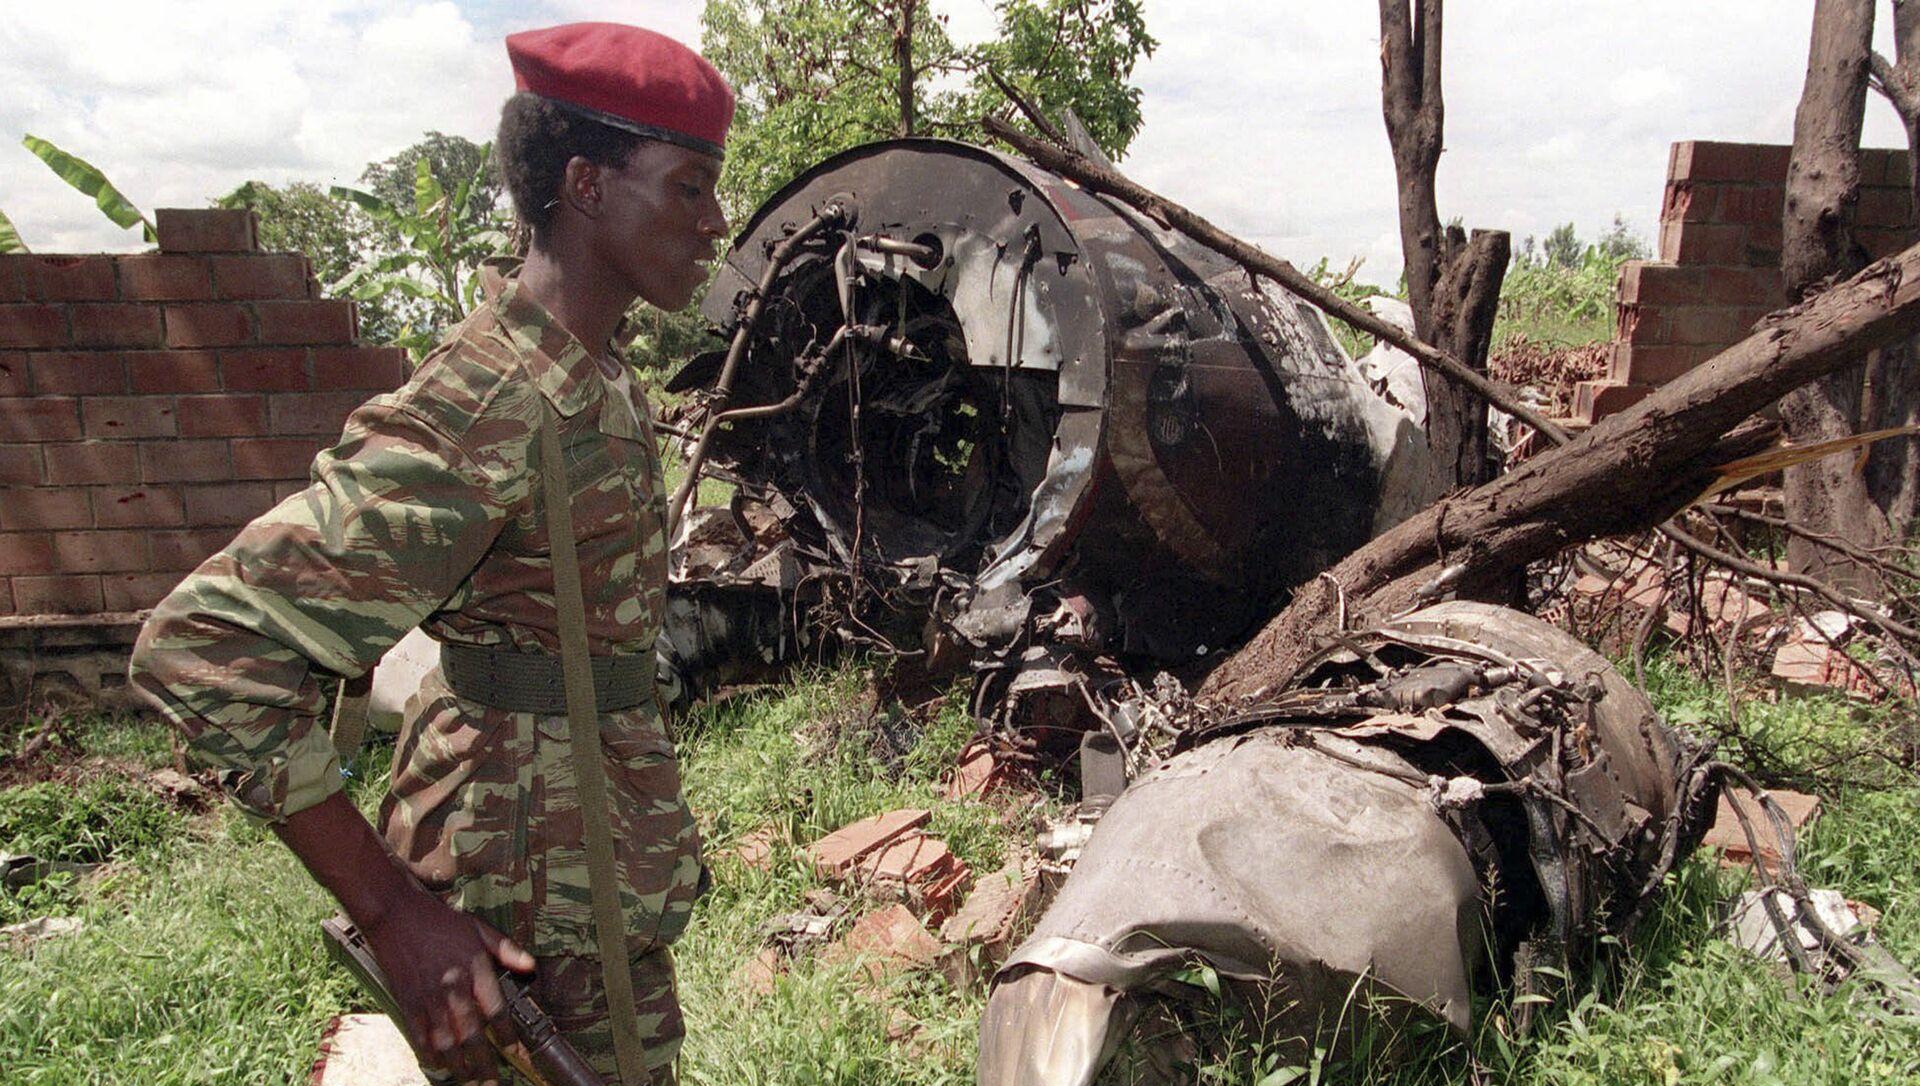 Un militaire rebelle du FPR (Front patriotique rwandais) de Paul Kagame (Tutsi) devant l'épave du Falcon 50 abattu par un tir de missile au-dessus de l'aéroport de Kigali, capitale du Rwanda, le 6 avril 1994. L'avion transportait le Président de la République rwandaise alors en exercice, Juvénal Habyarimana (Hutu), ainsi que son homologue du Burundi, Cyprien Ntaryamira.  - Sputnik France, 1920, 28.05.2021